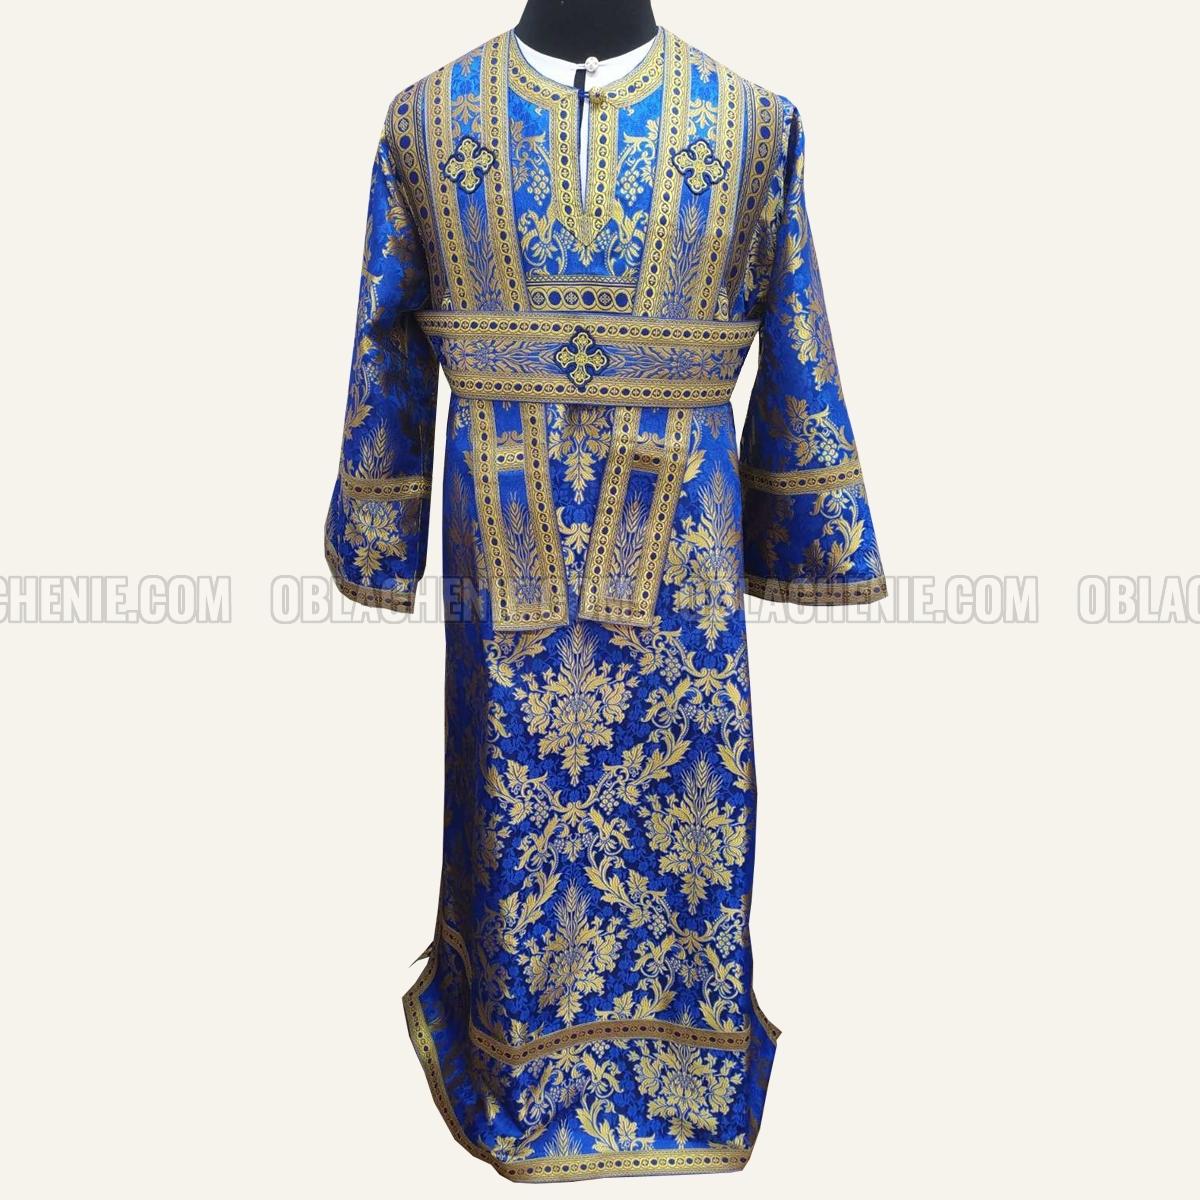 Subdeacon's vestments 11112